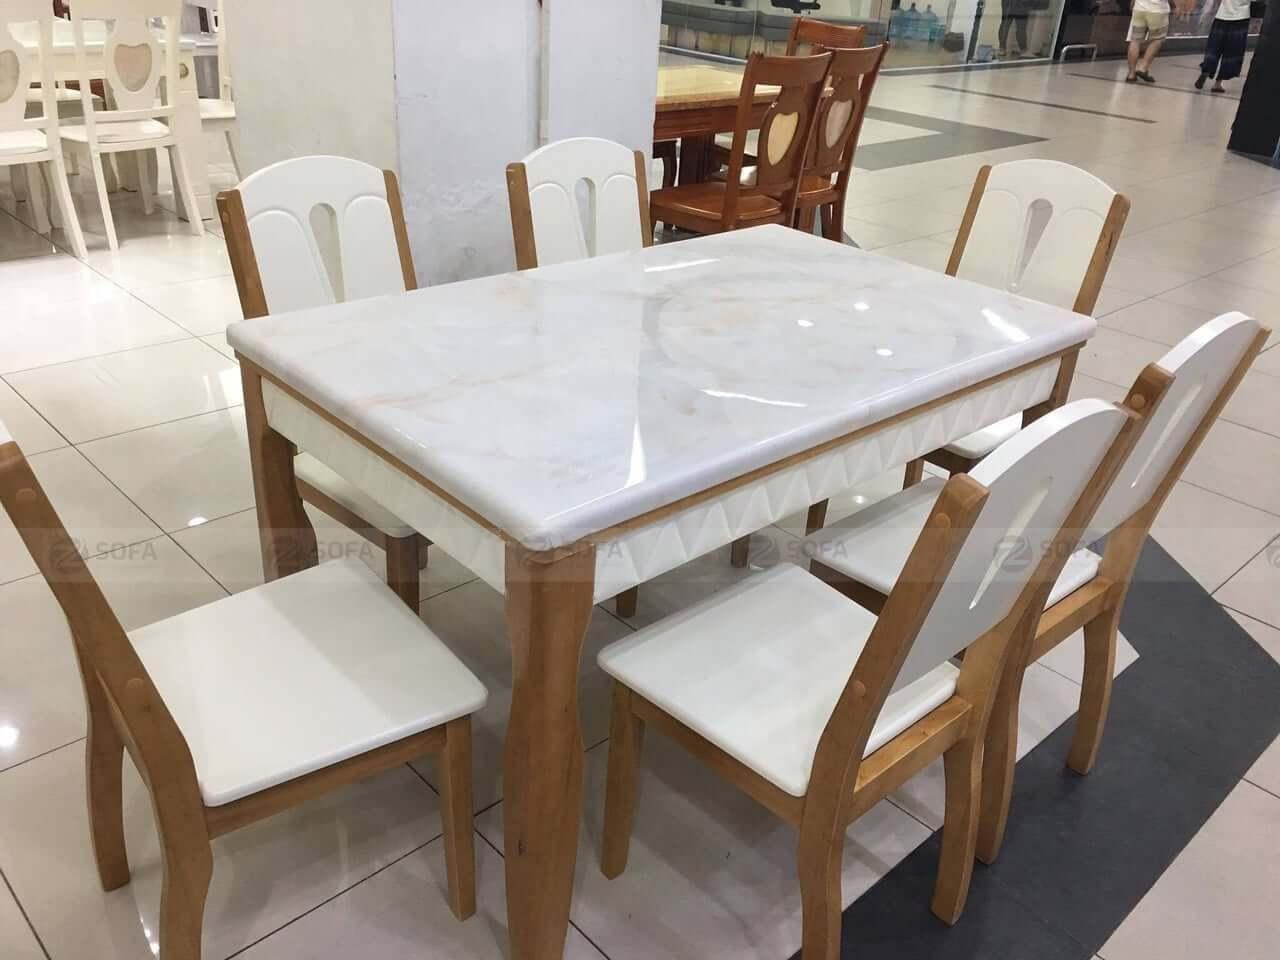 Mua bàn ăn chất lượng cao cho phòng khách